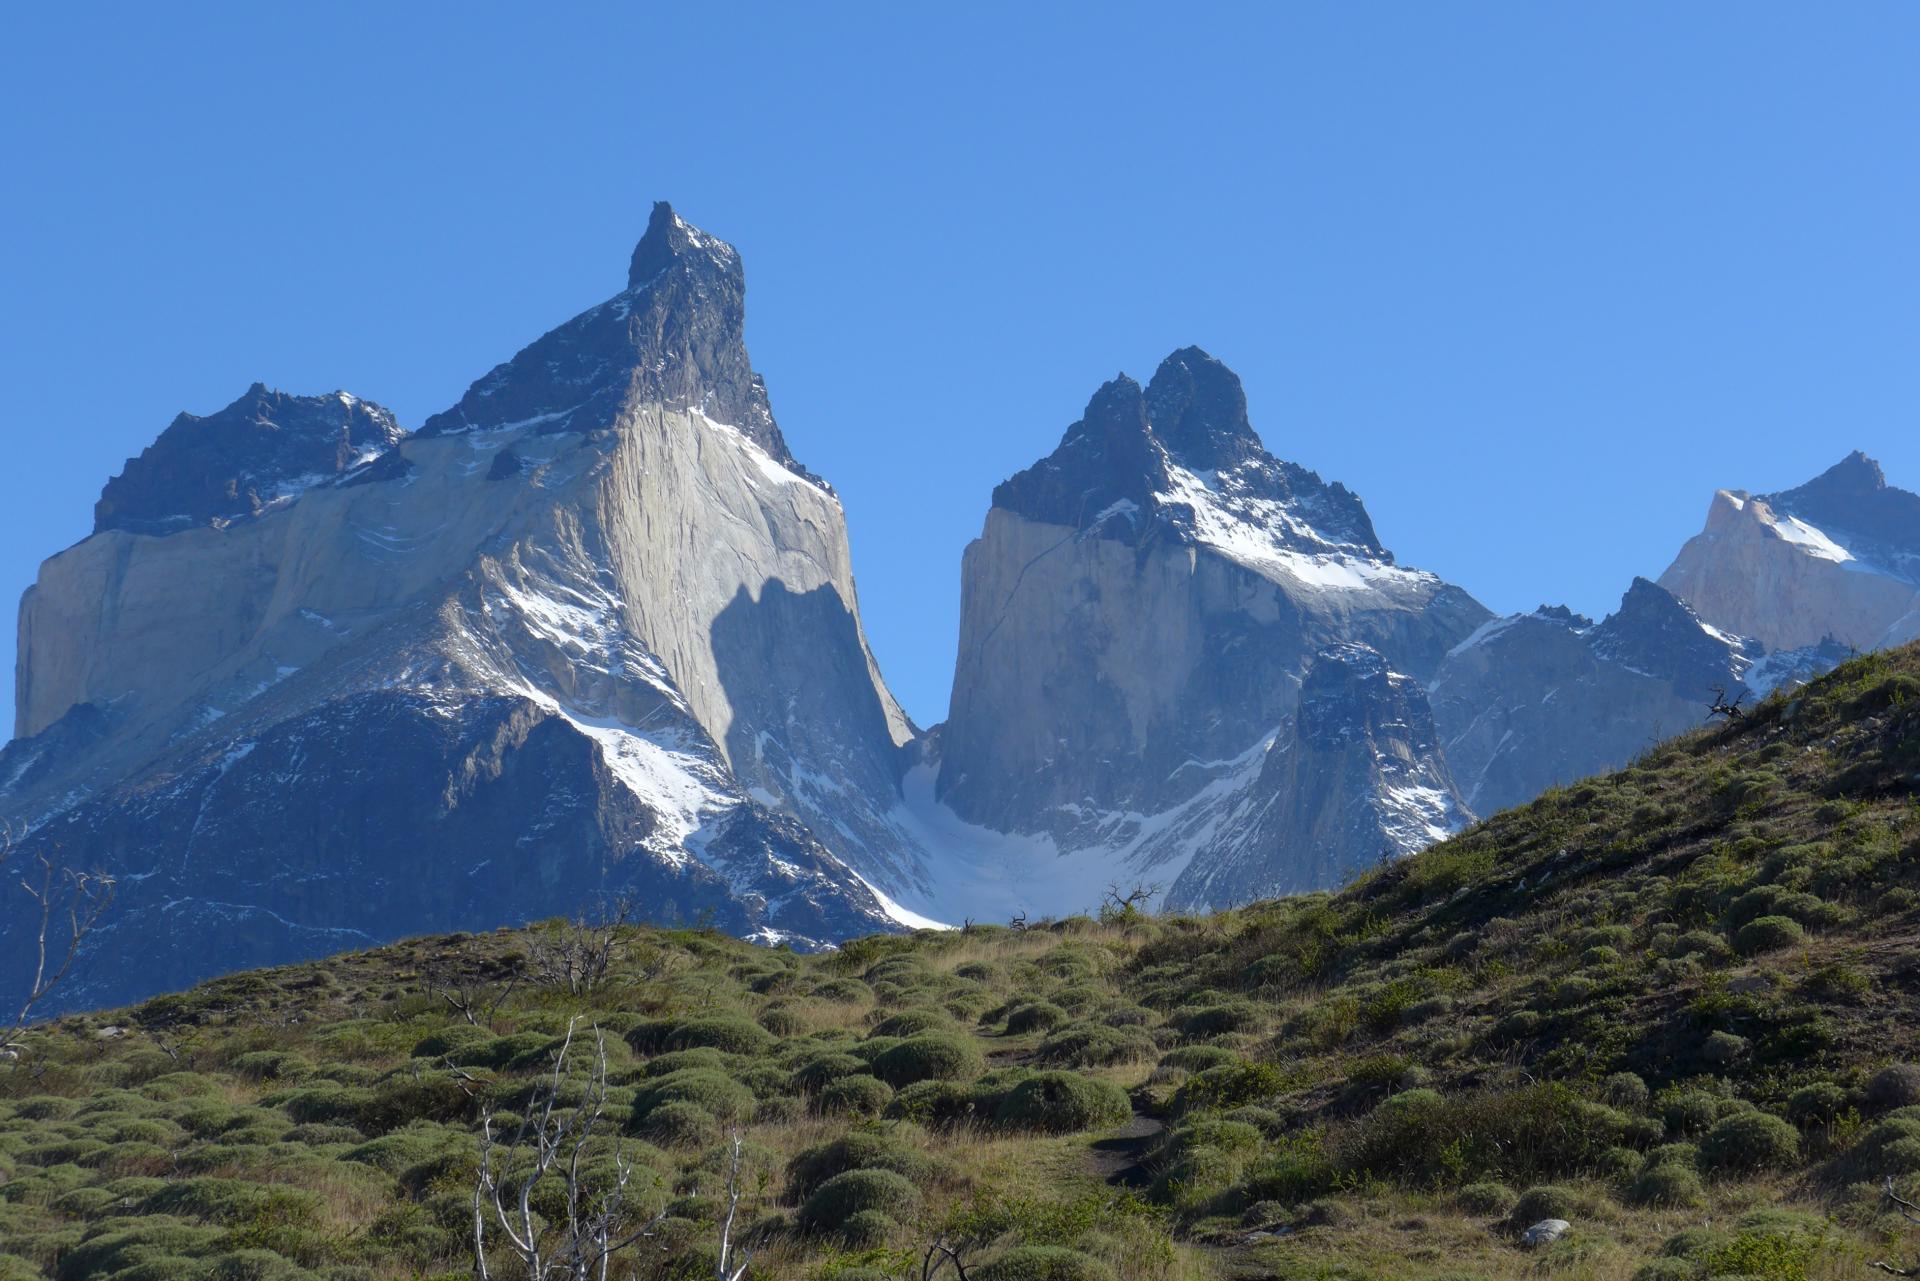 Erleben Sie die einzigartige Natur Patagoniens auf Ihrer Rundreise in Argentinien